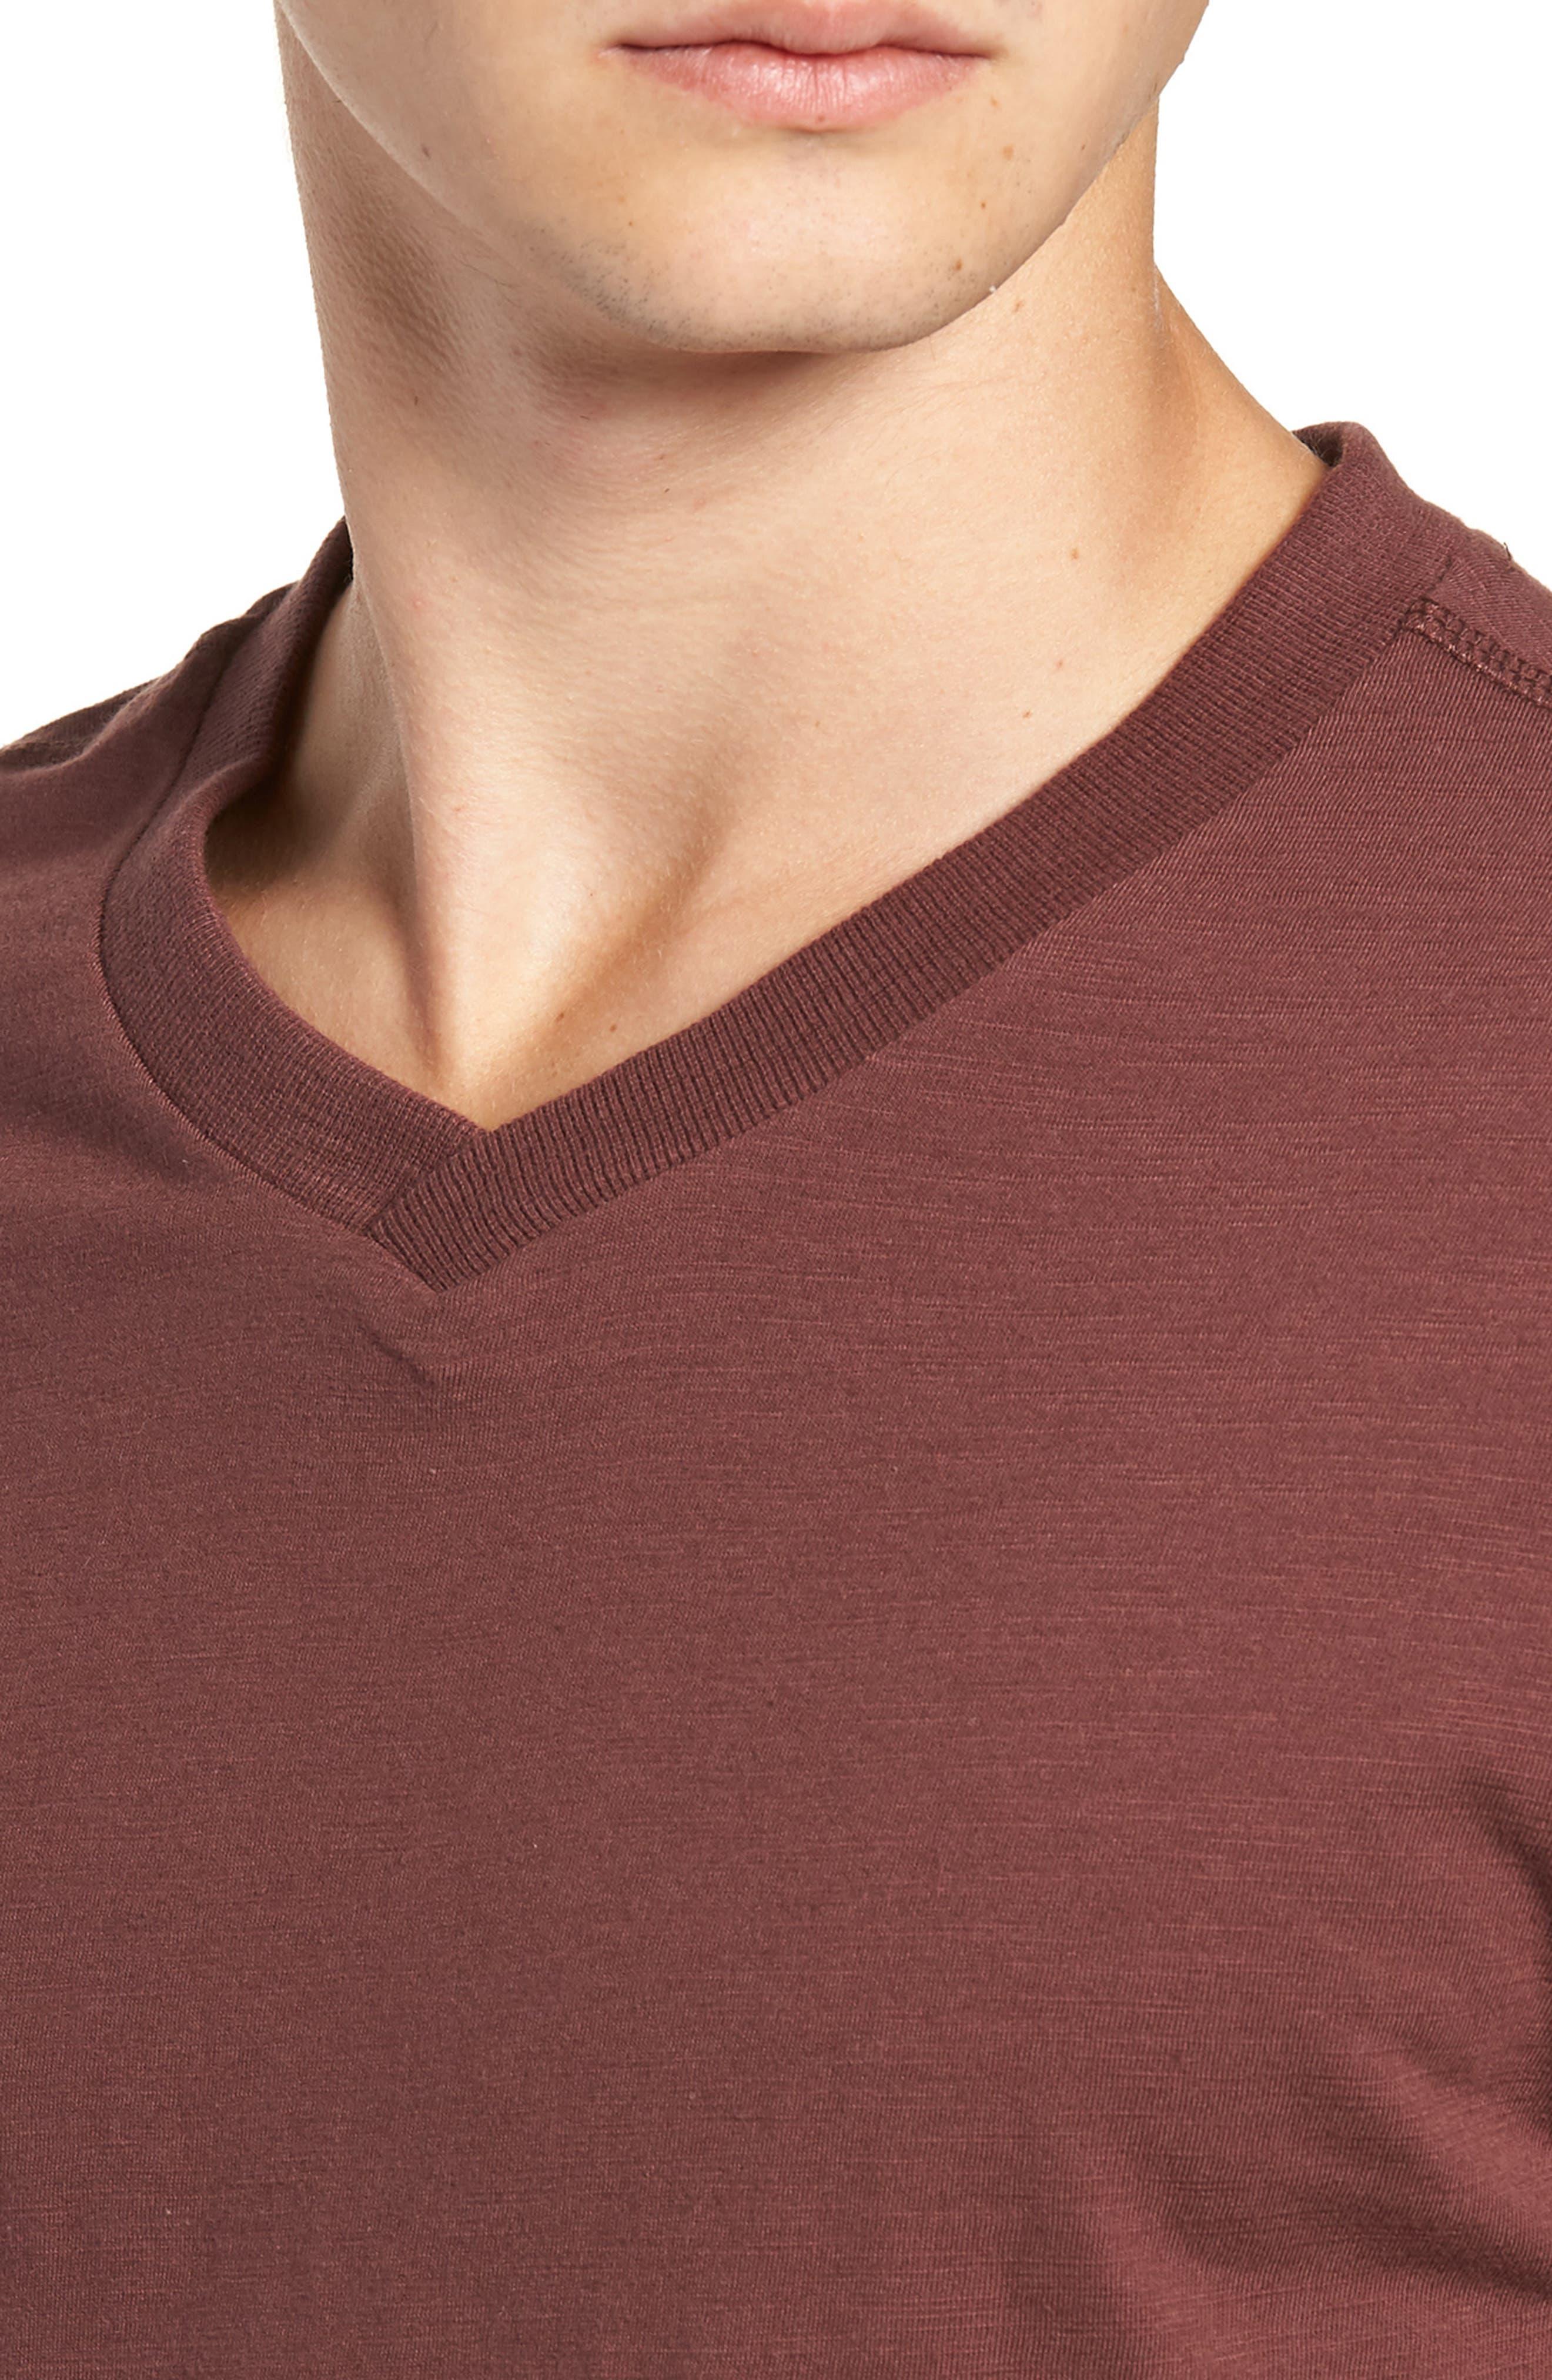 Soccer V-Neck T-Shirt,                             Alternate thumbnail 4, color,                             BURGUNDY